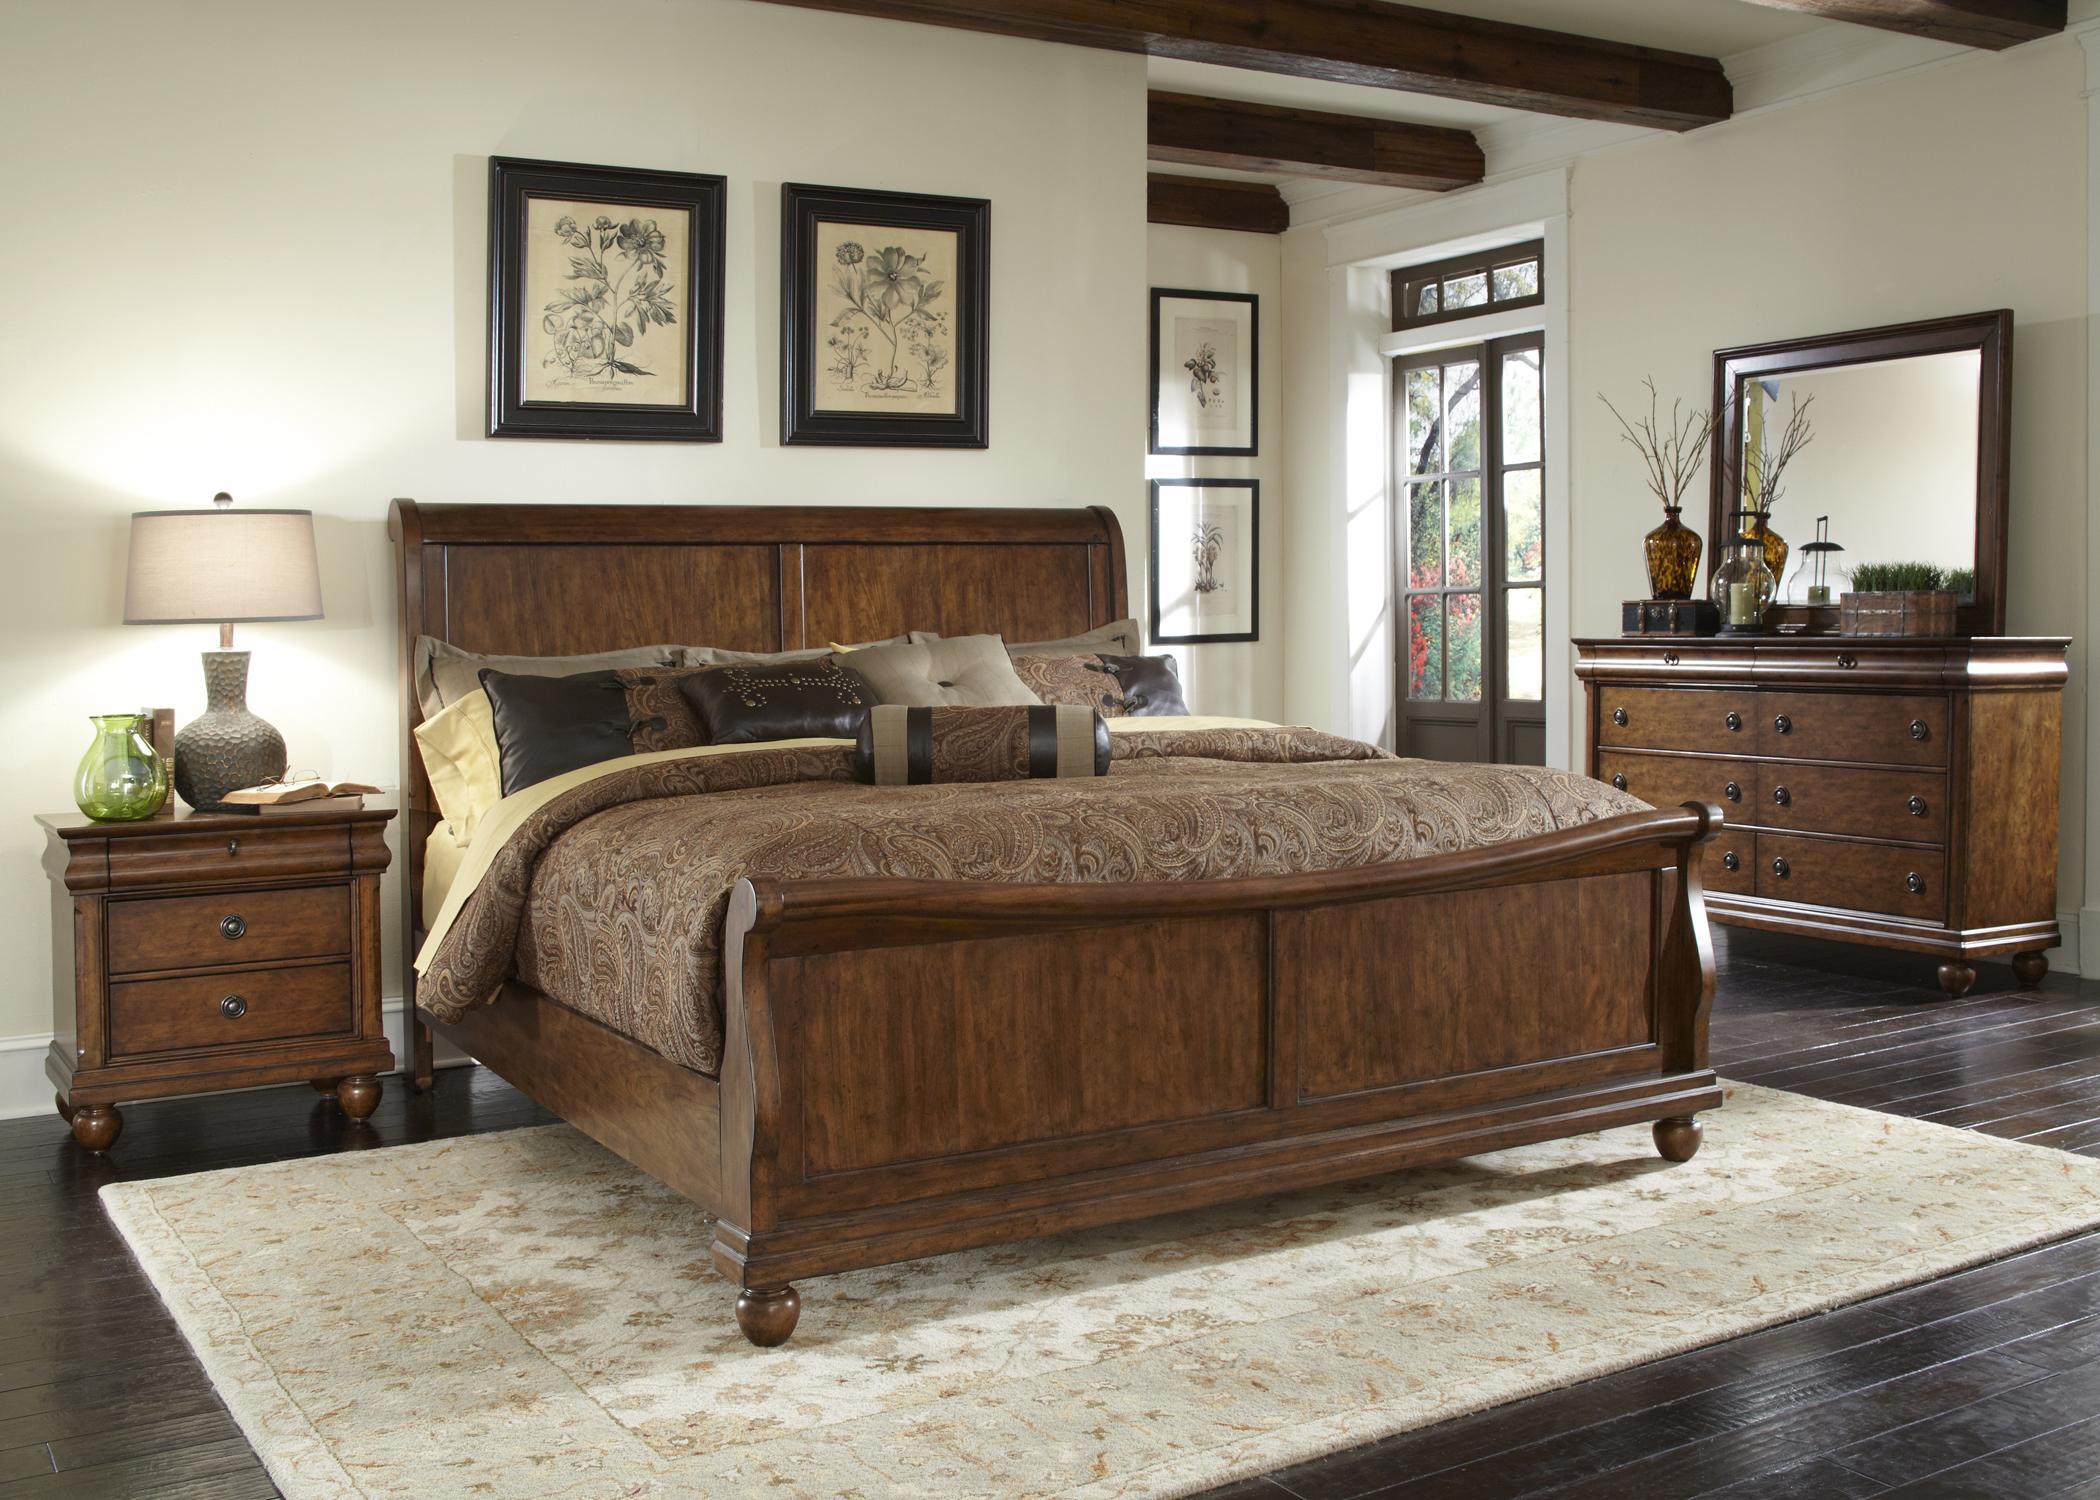 Merveilleux Miskelly Furniture